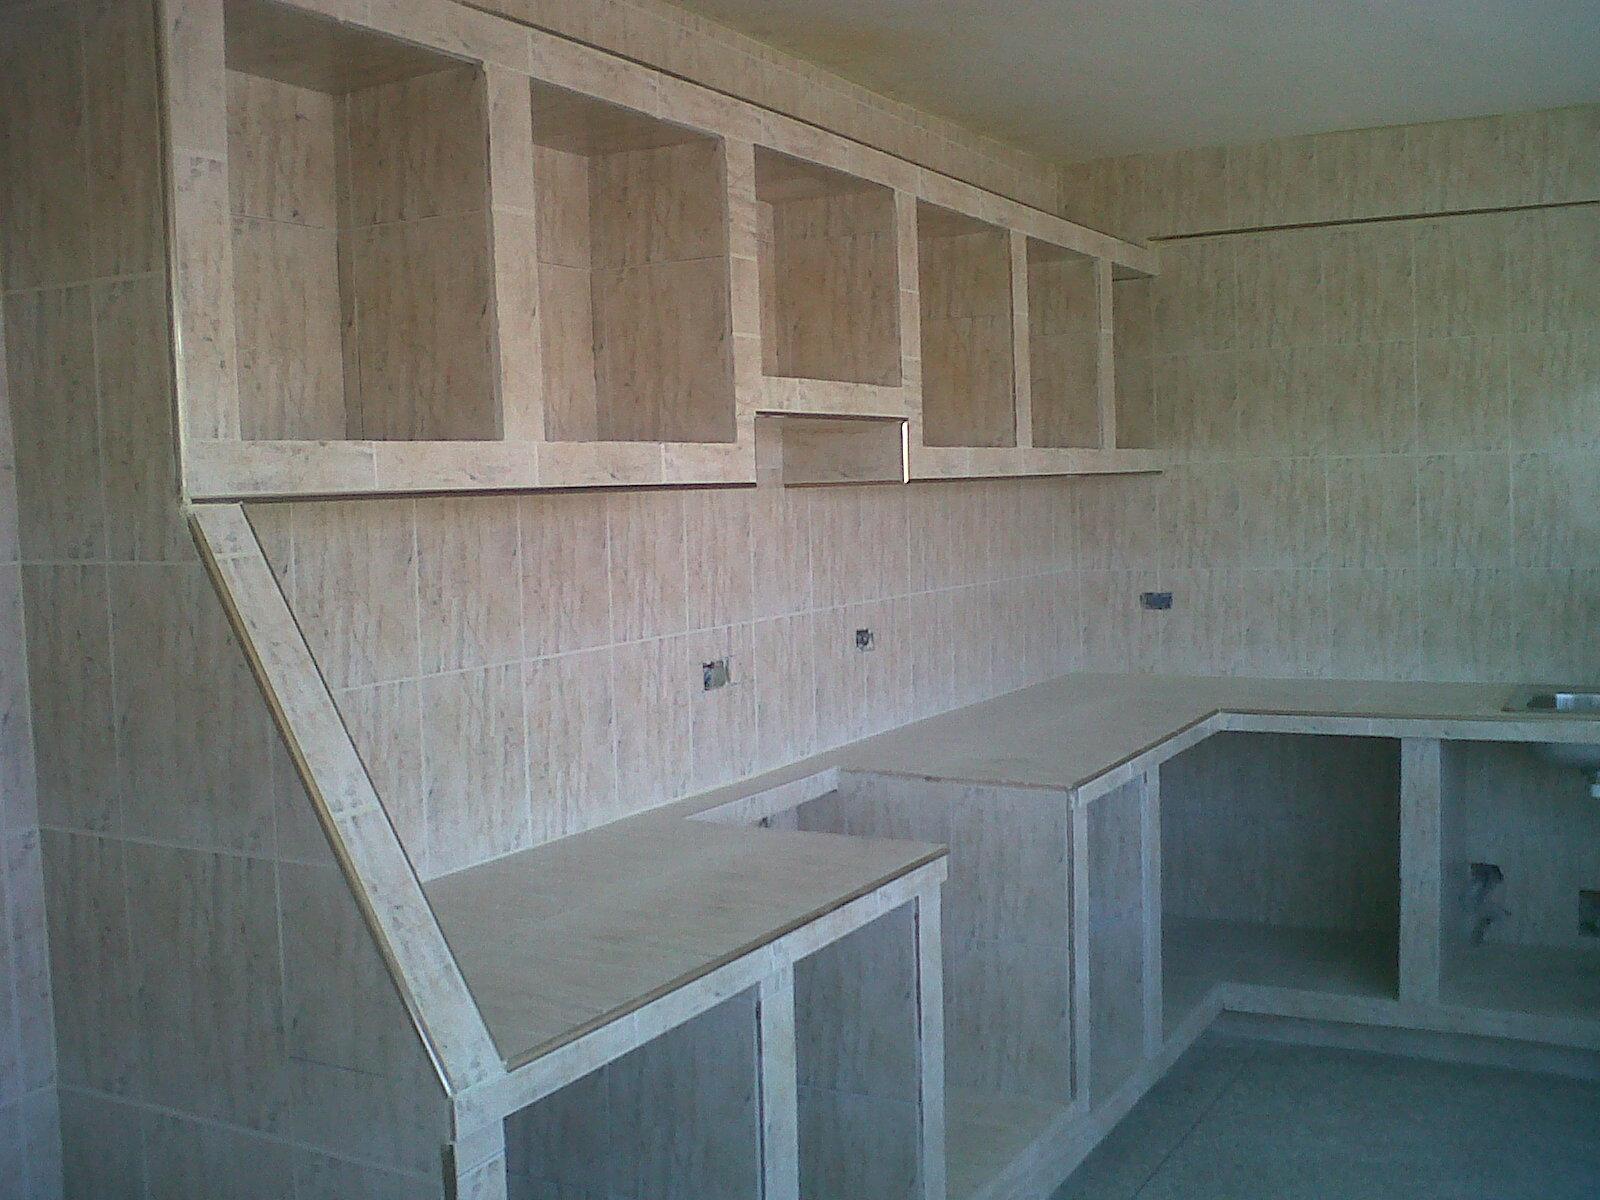 Construccion de cocina imagui for Cocina de deconstruccion